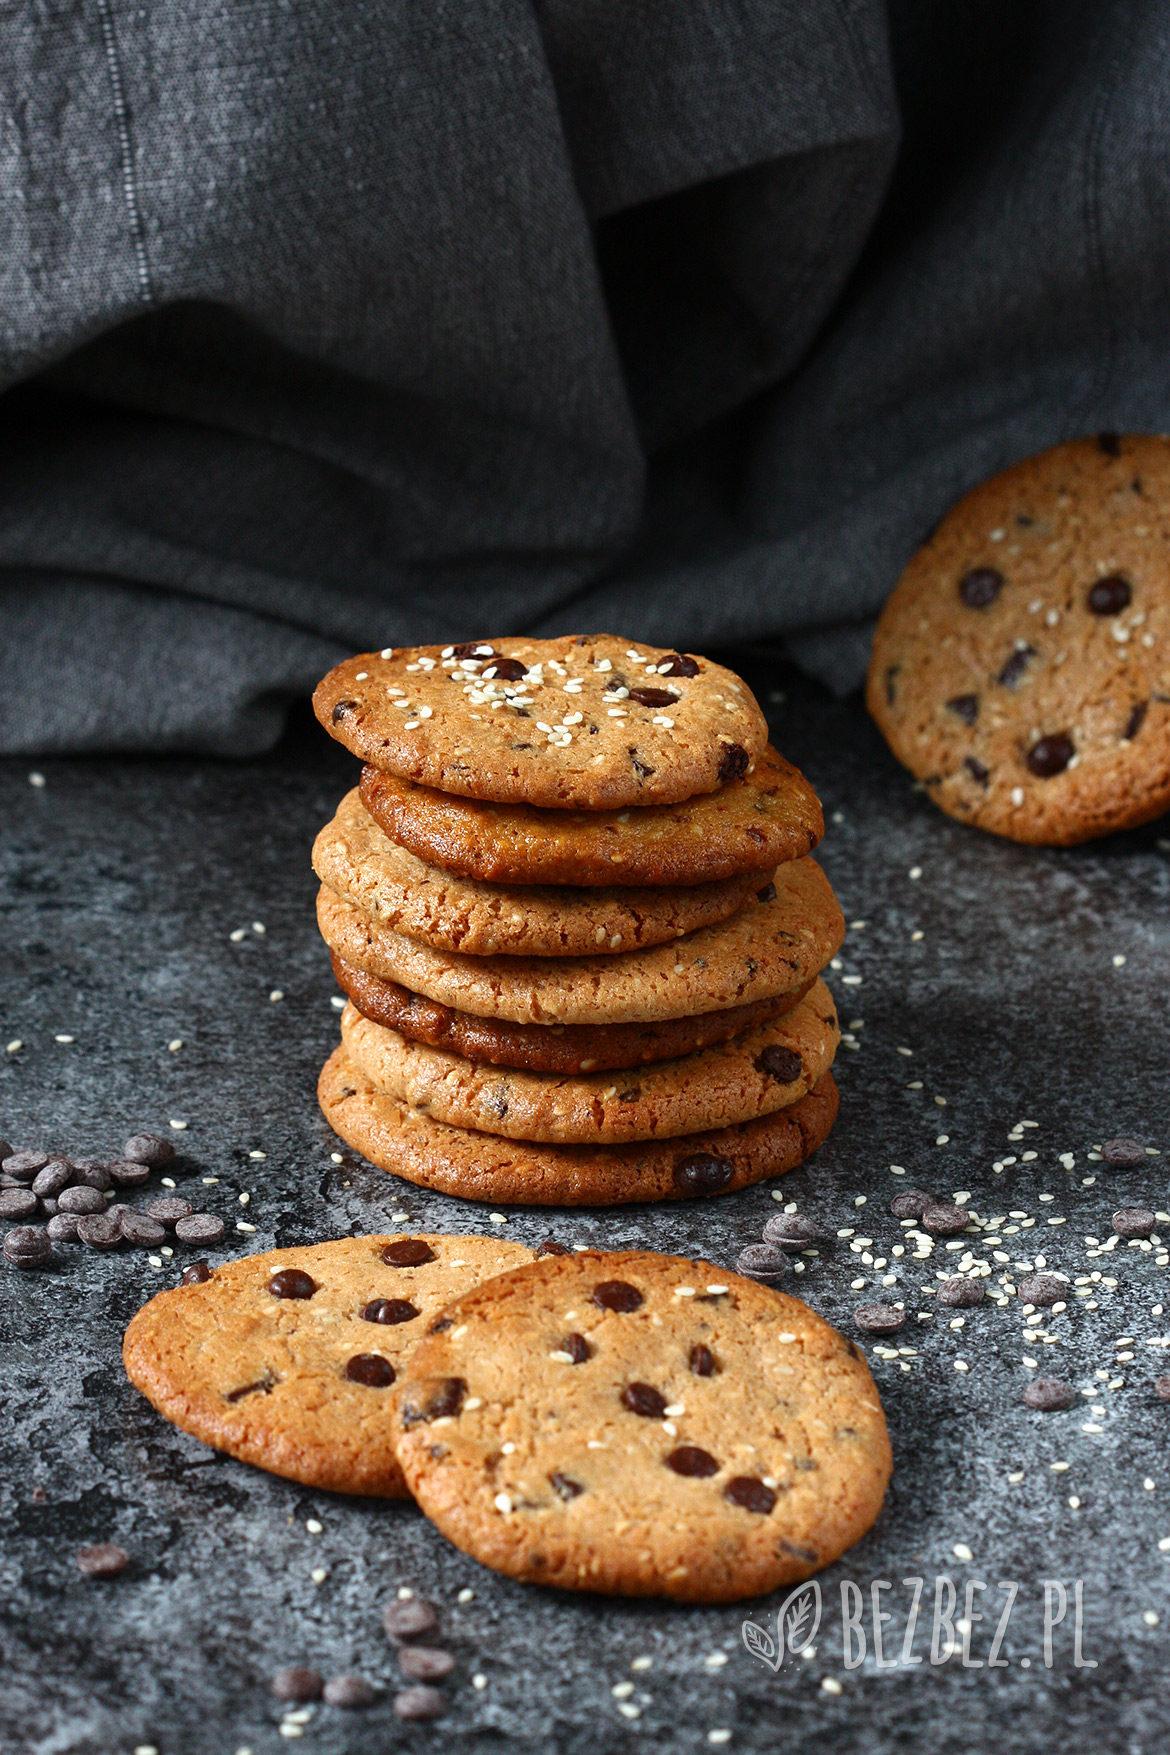 wegańskie i bezglutenowe ciasteczka sezamowe z czekoladą